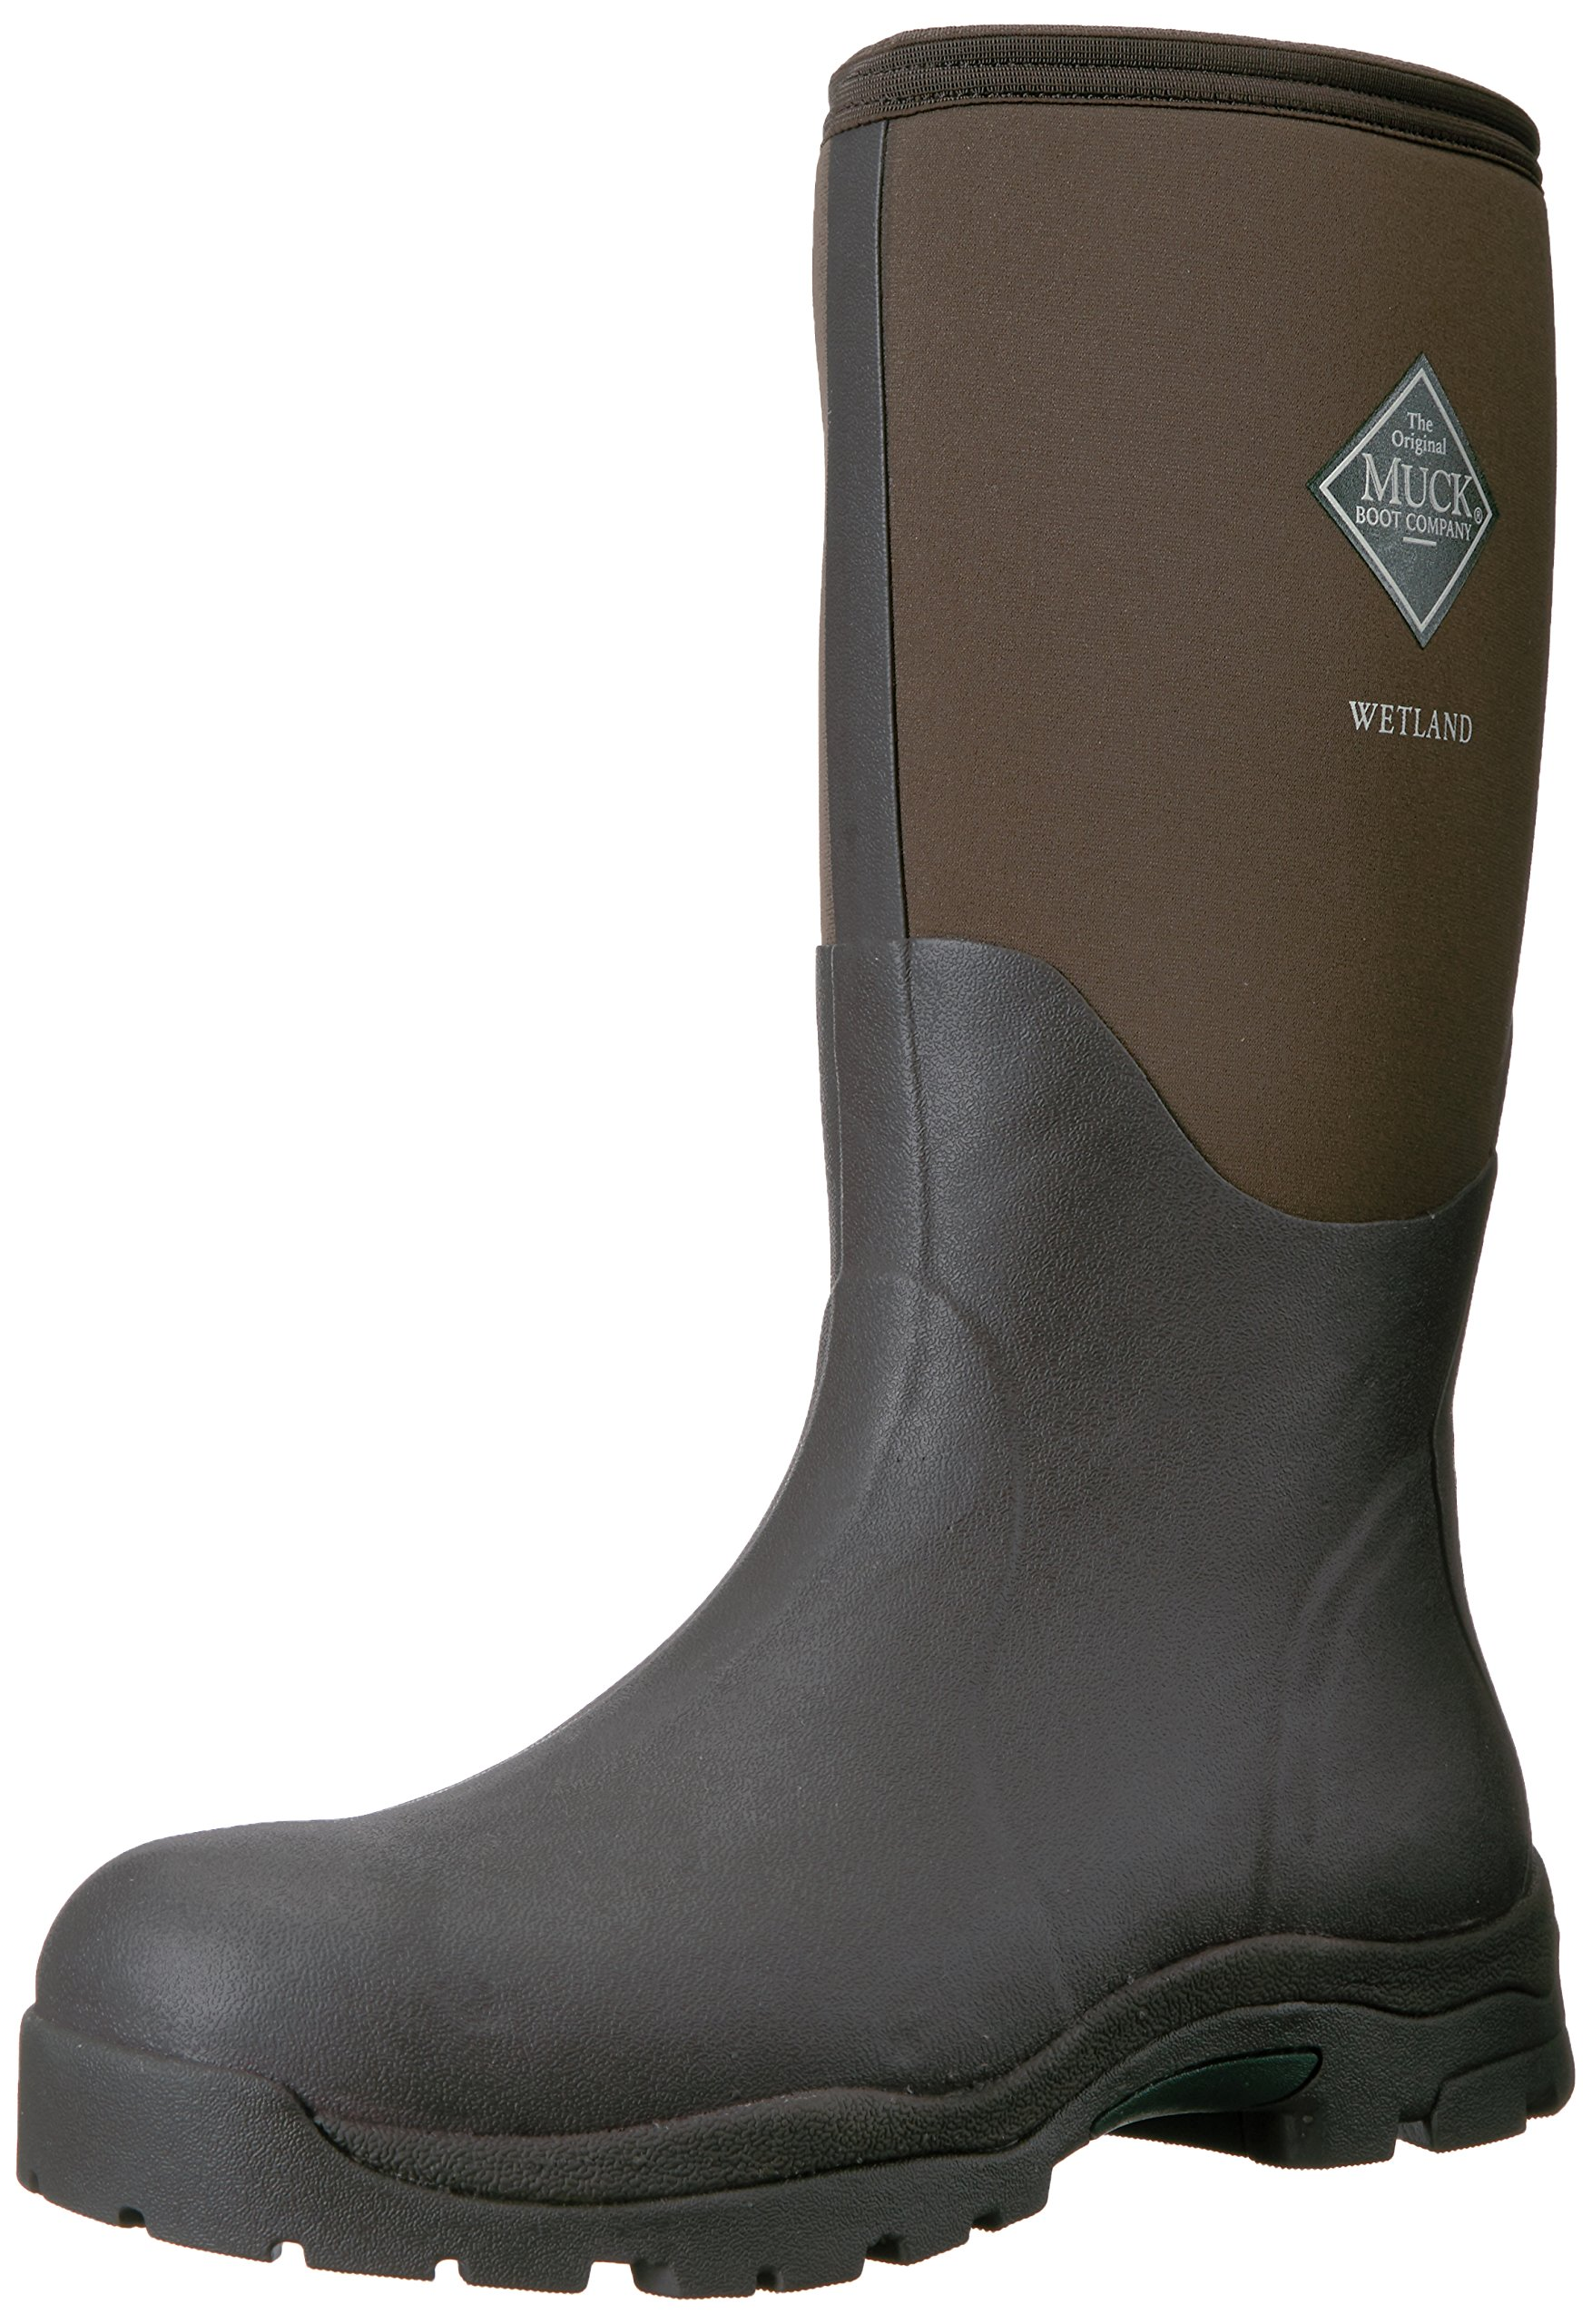 Muck Boot Womens Wetland Boot 9 Bark by Muck Boot